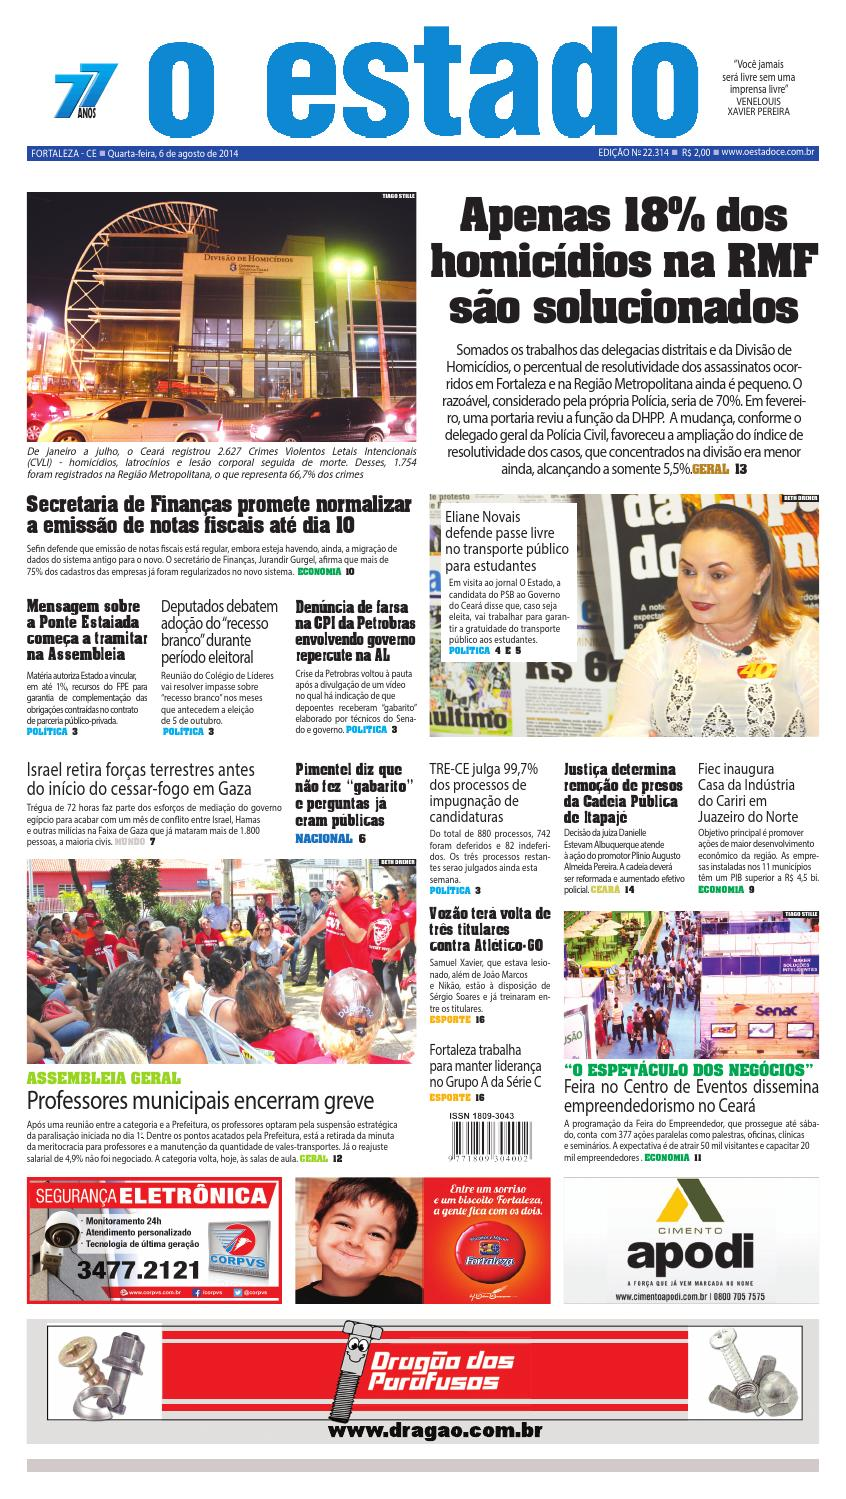 Edição 22314 - 06 de agosto de 2014 by Jornal O Estado (Ceará) - issuu ea4fc90d04a25